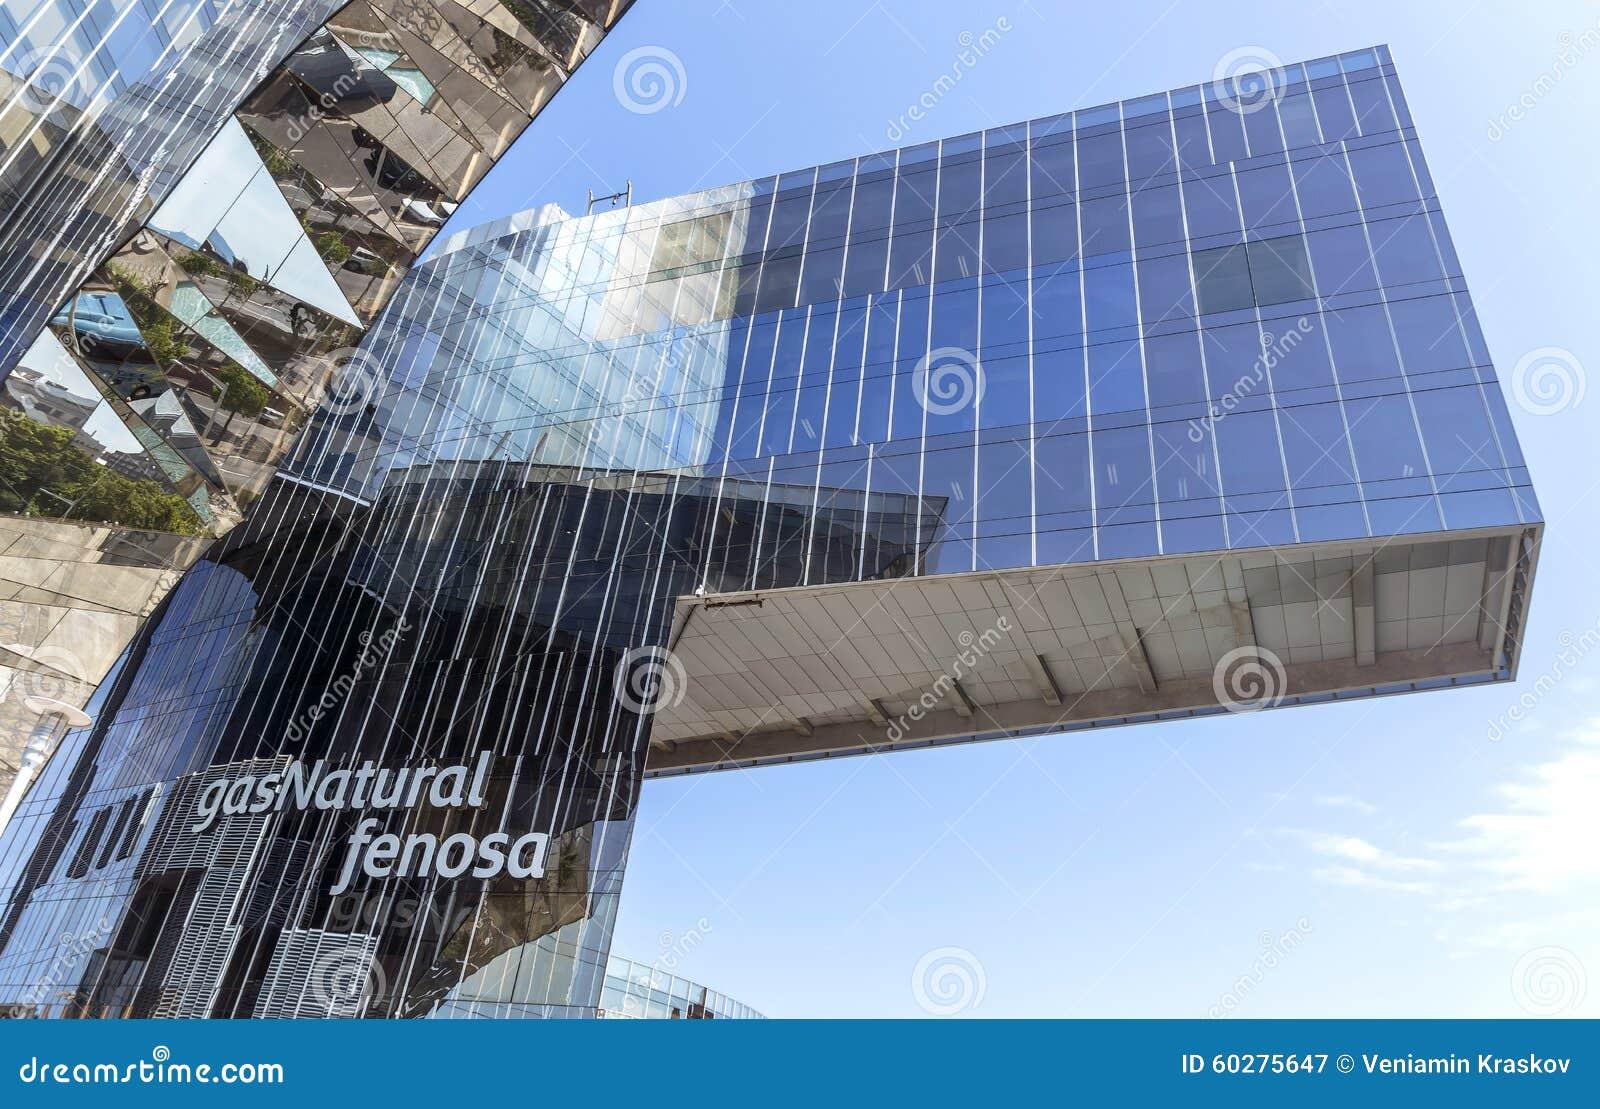 Immeuble de bureaux de fenosa de gas natural photographie